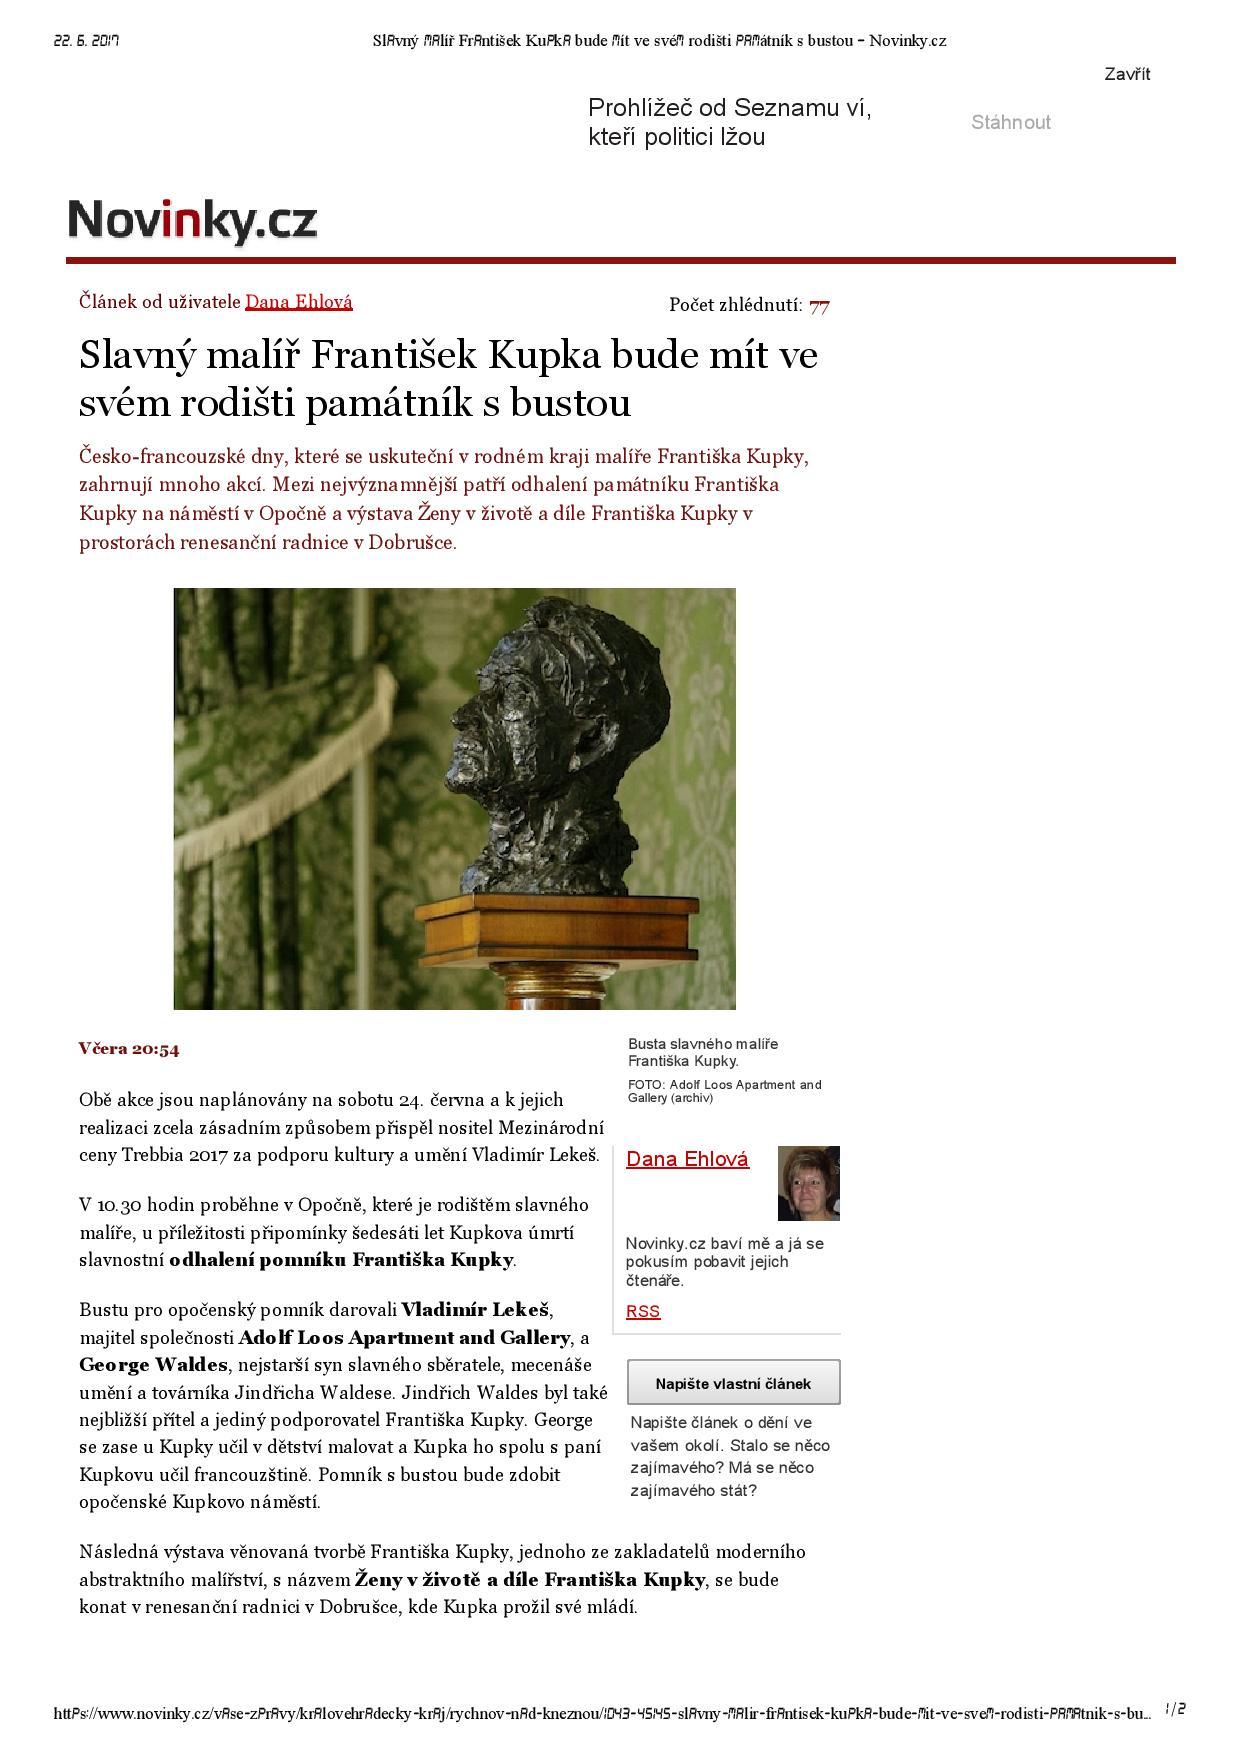 Novinky.cz, 21.6.2017, str. 1